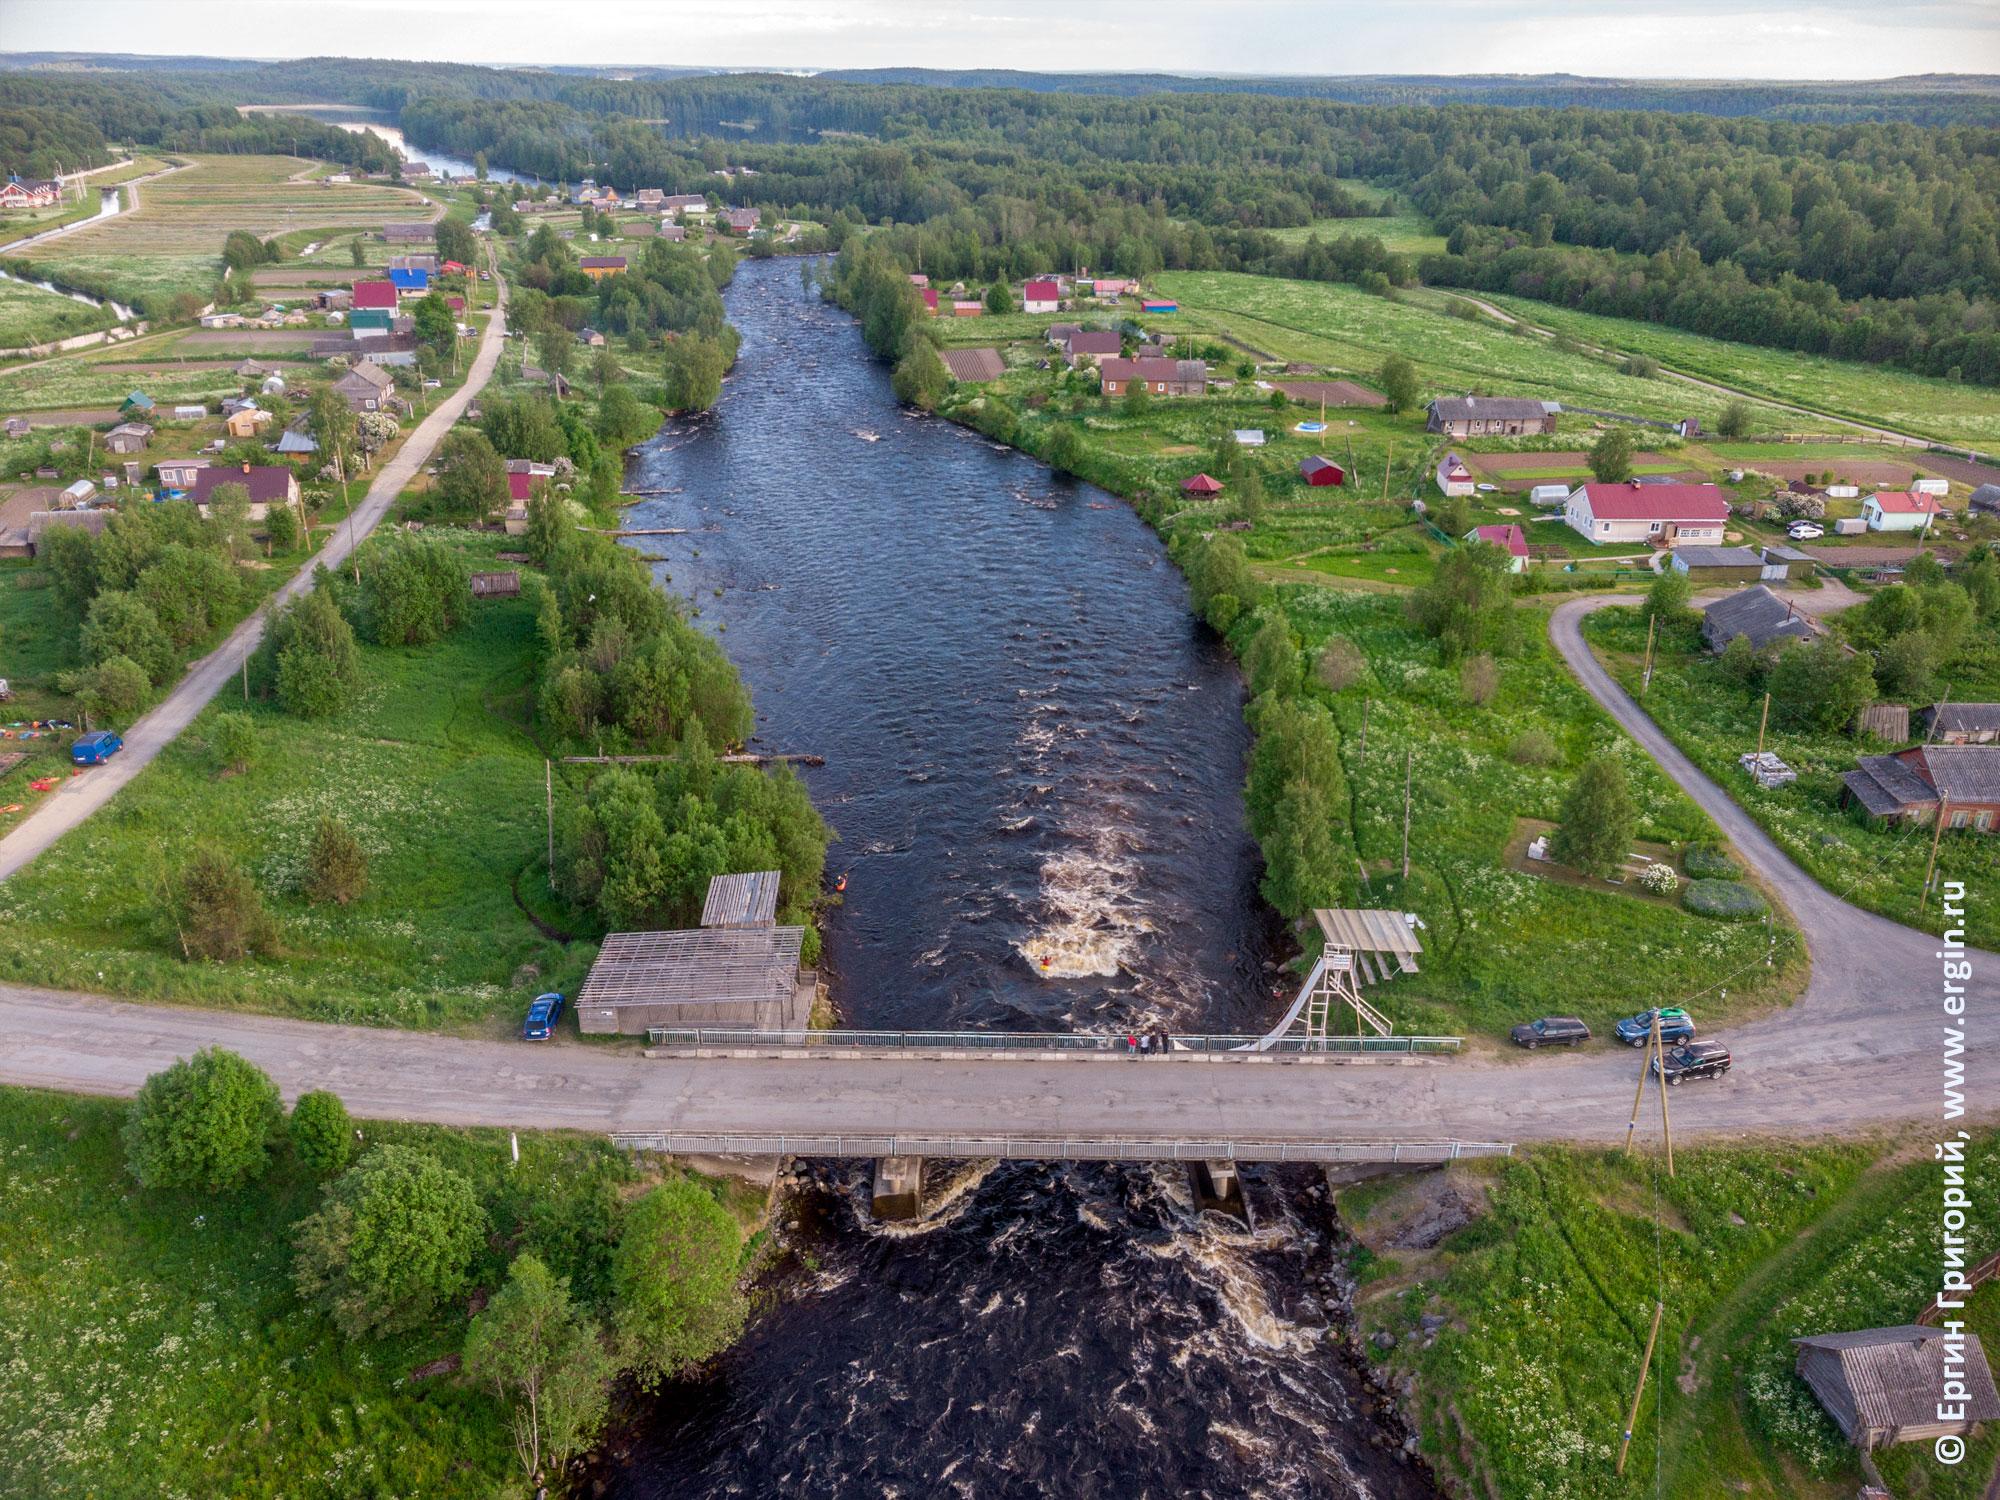 Поселок Тивдия место соревнований по фристайлу на бурной воде